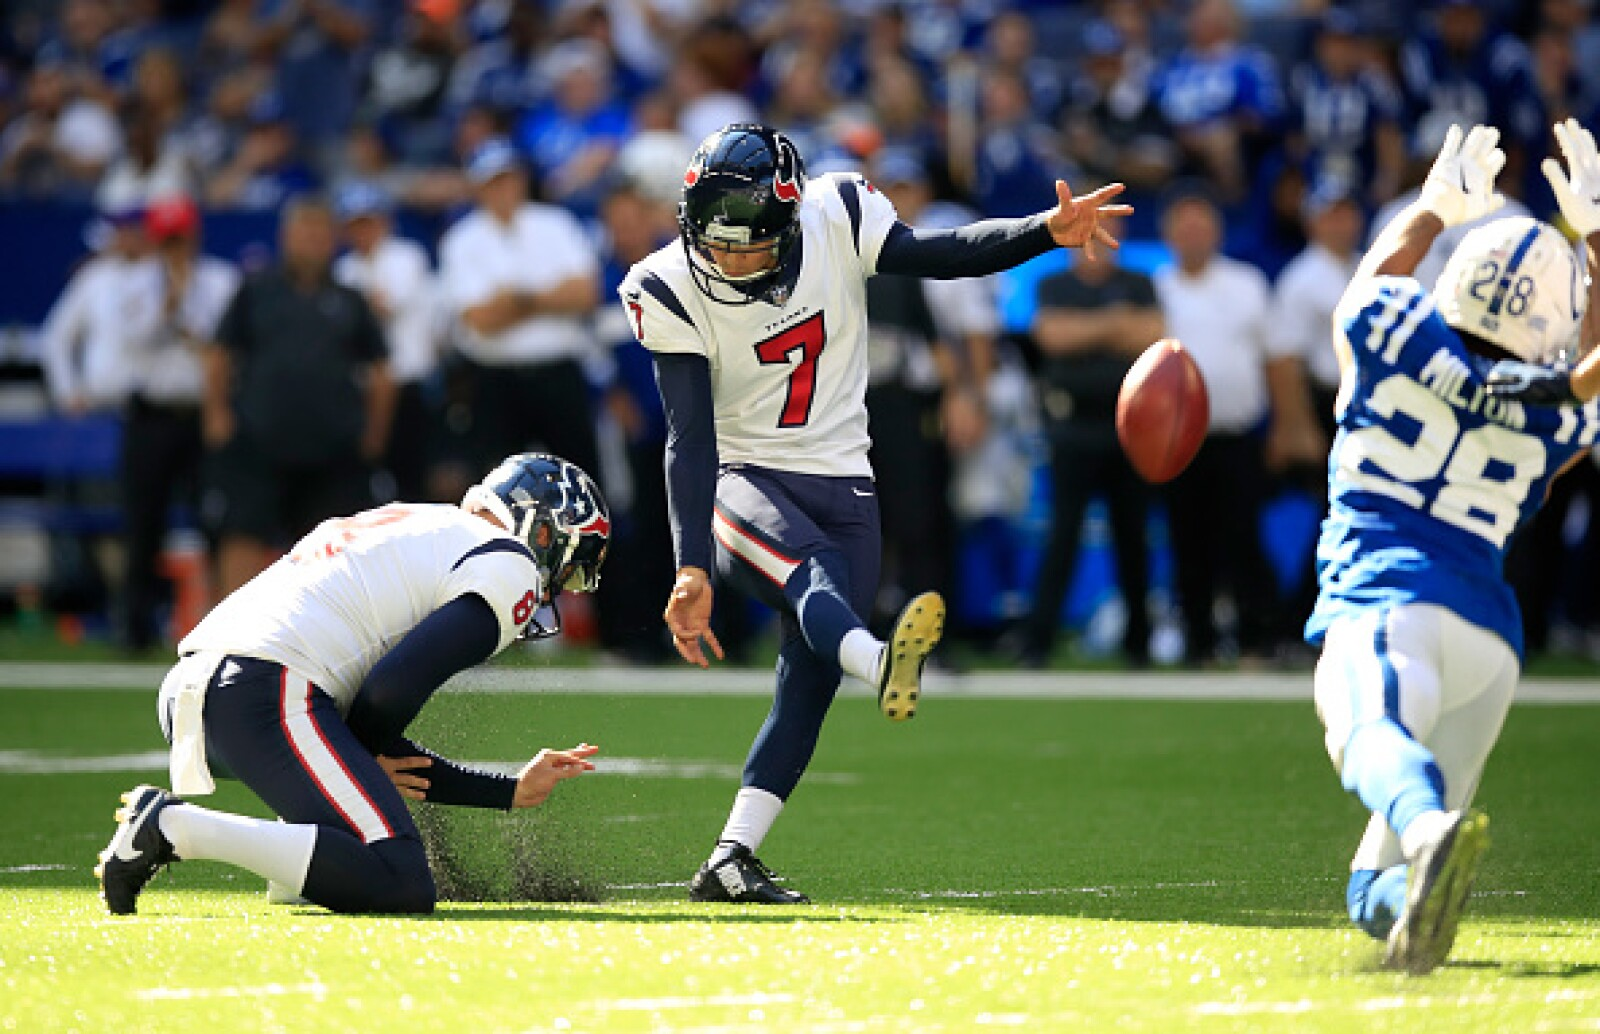 Imágenes de la semana 4 de la NFL